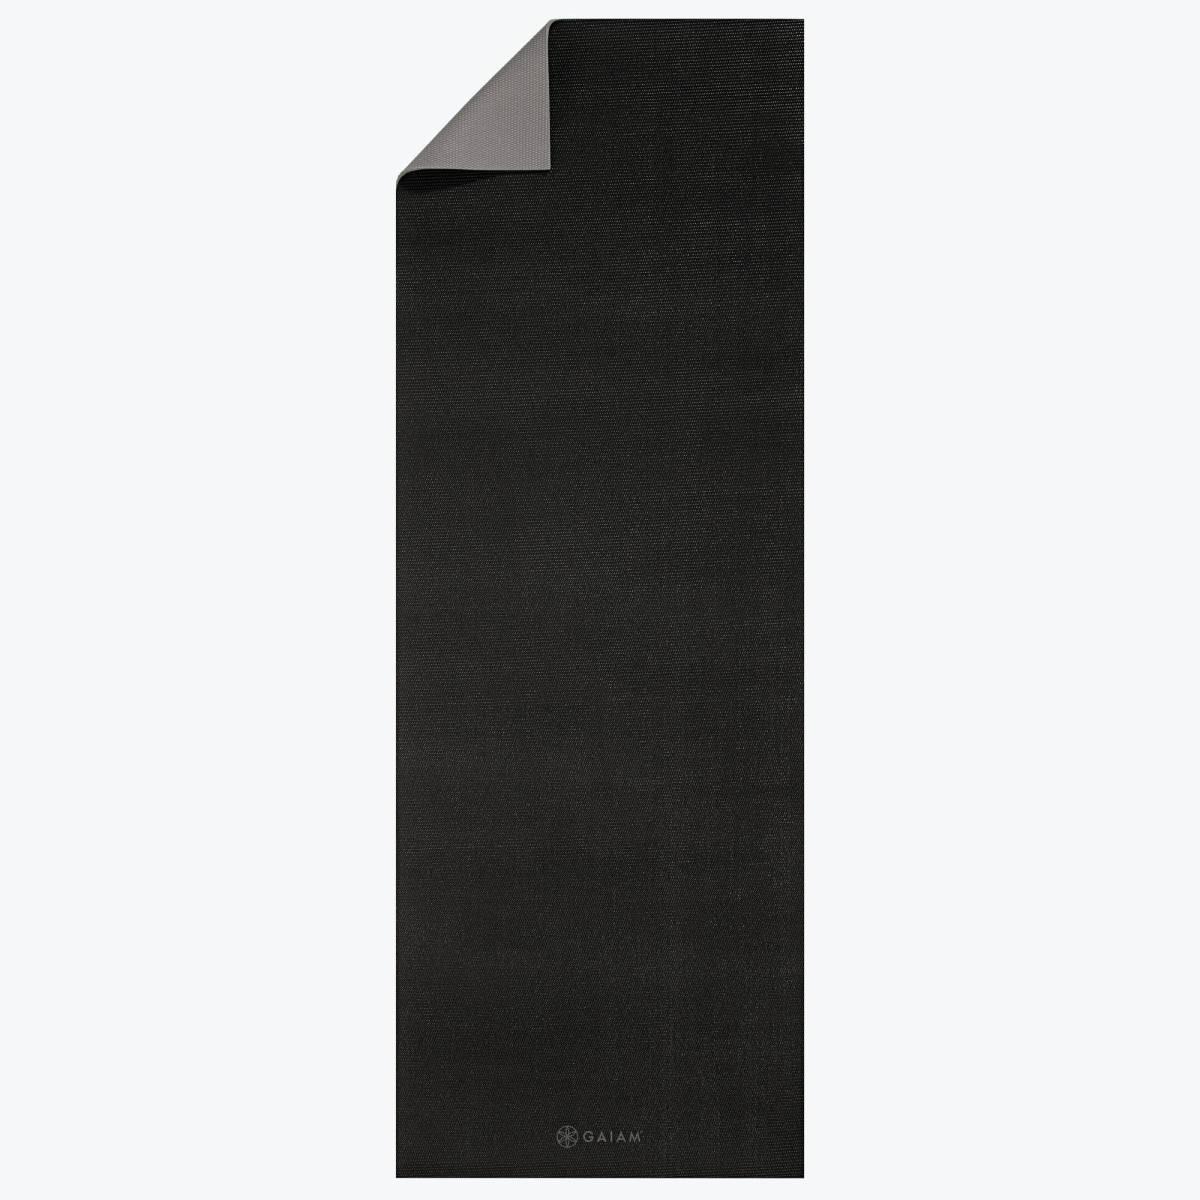 送料無料 gaiam ヨガマット 2Color granite storm 黒 灰 YOGA MAT 4mm エクササイズ ピラティス フィットネス ブラック グレー 無地